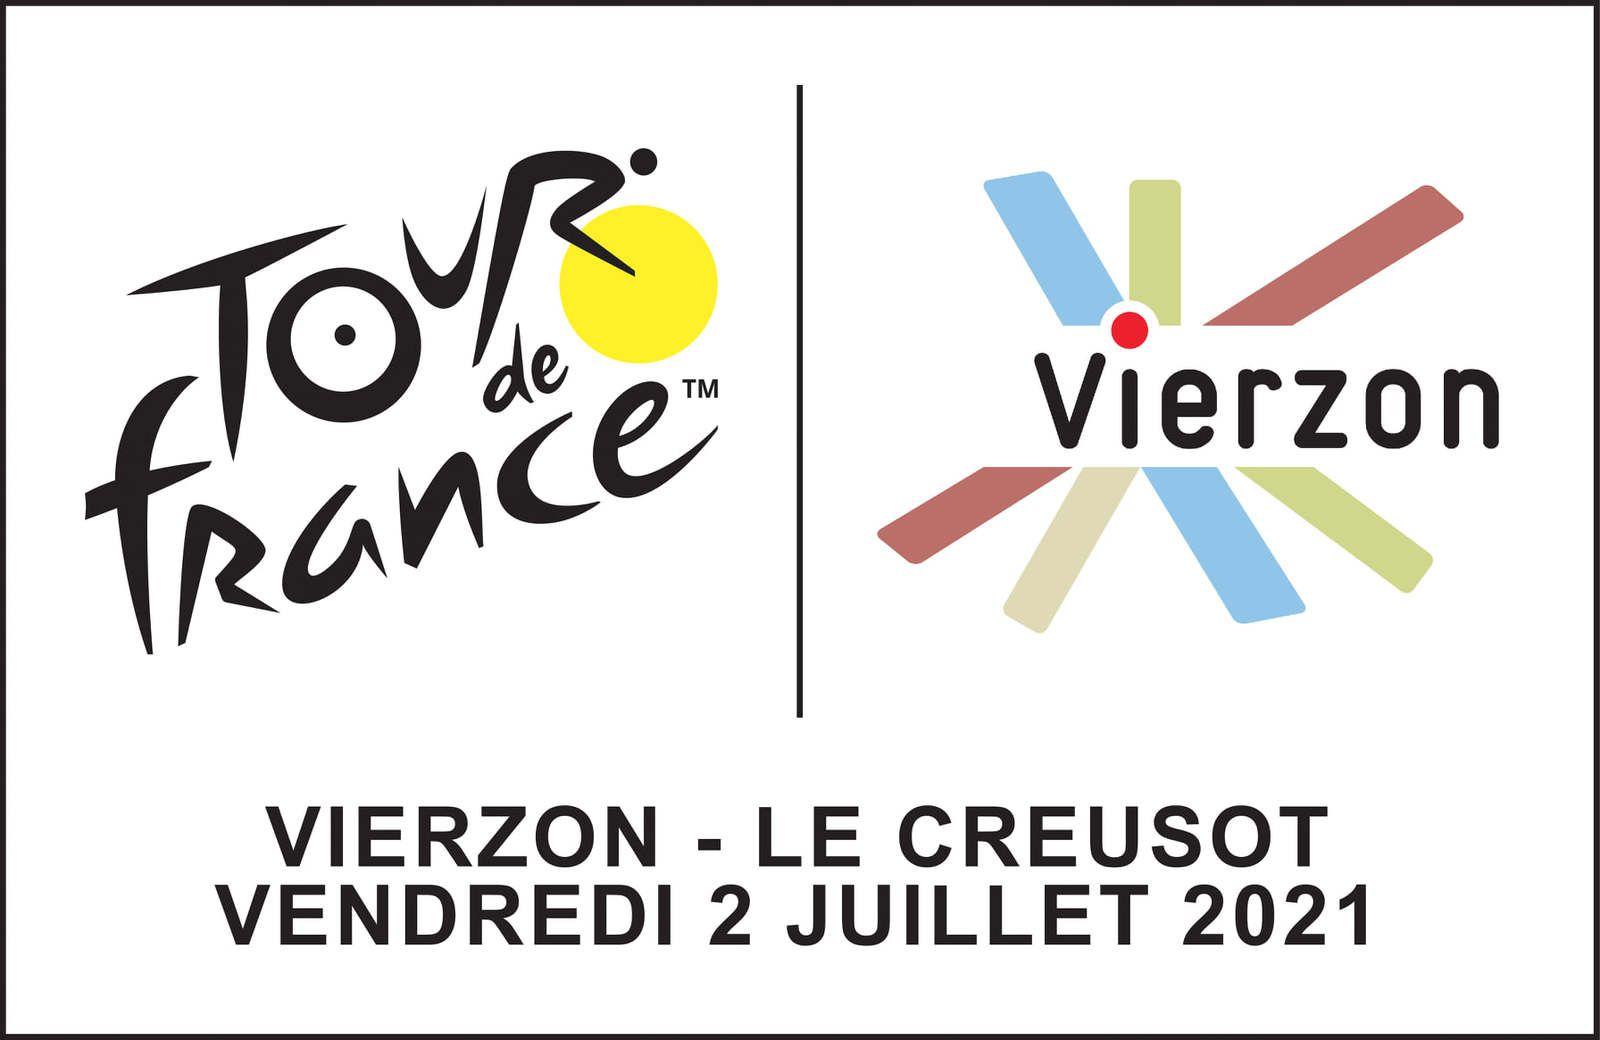 Tour de France - Vierzon-Le Creusotjpg